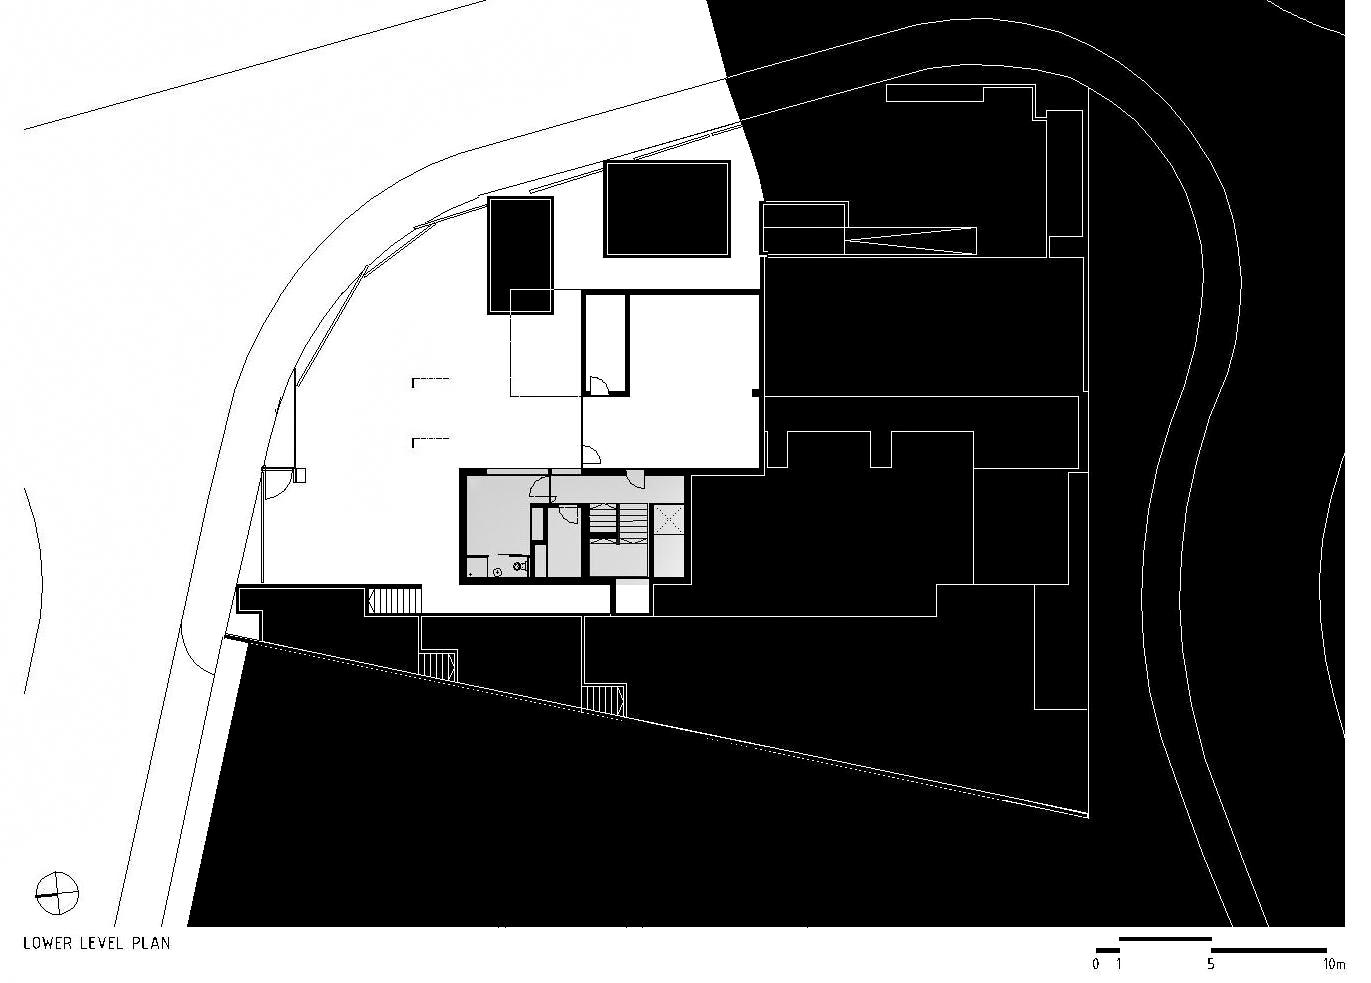 Lower Level Floor Plan - Paço de Arcos House - Oeiras, Lisbon, Portugal